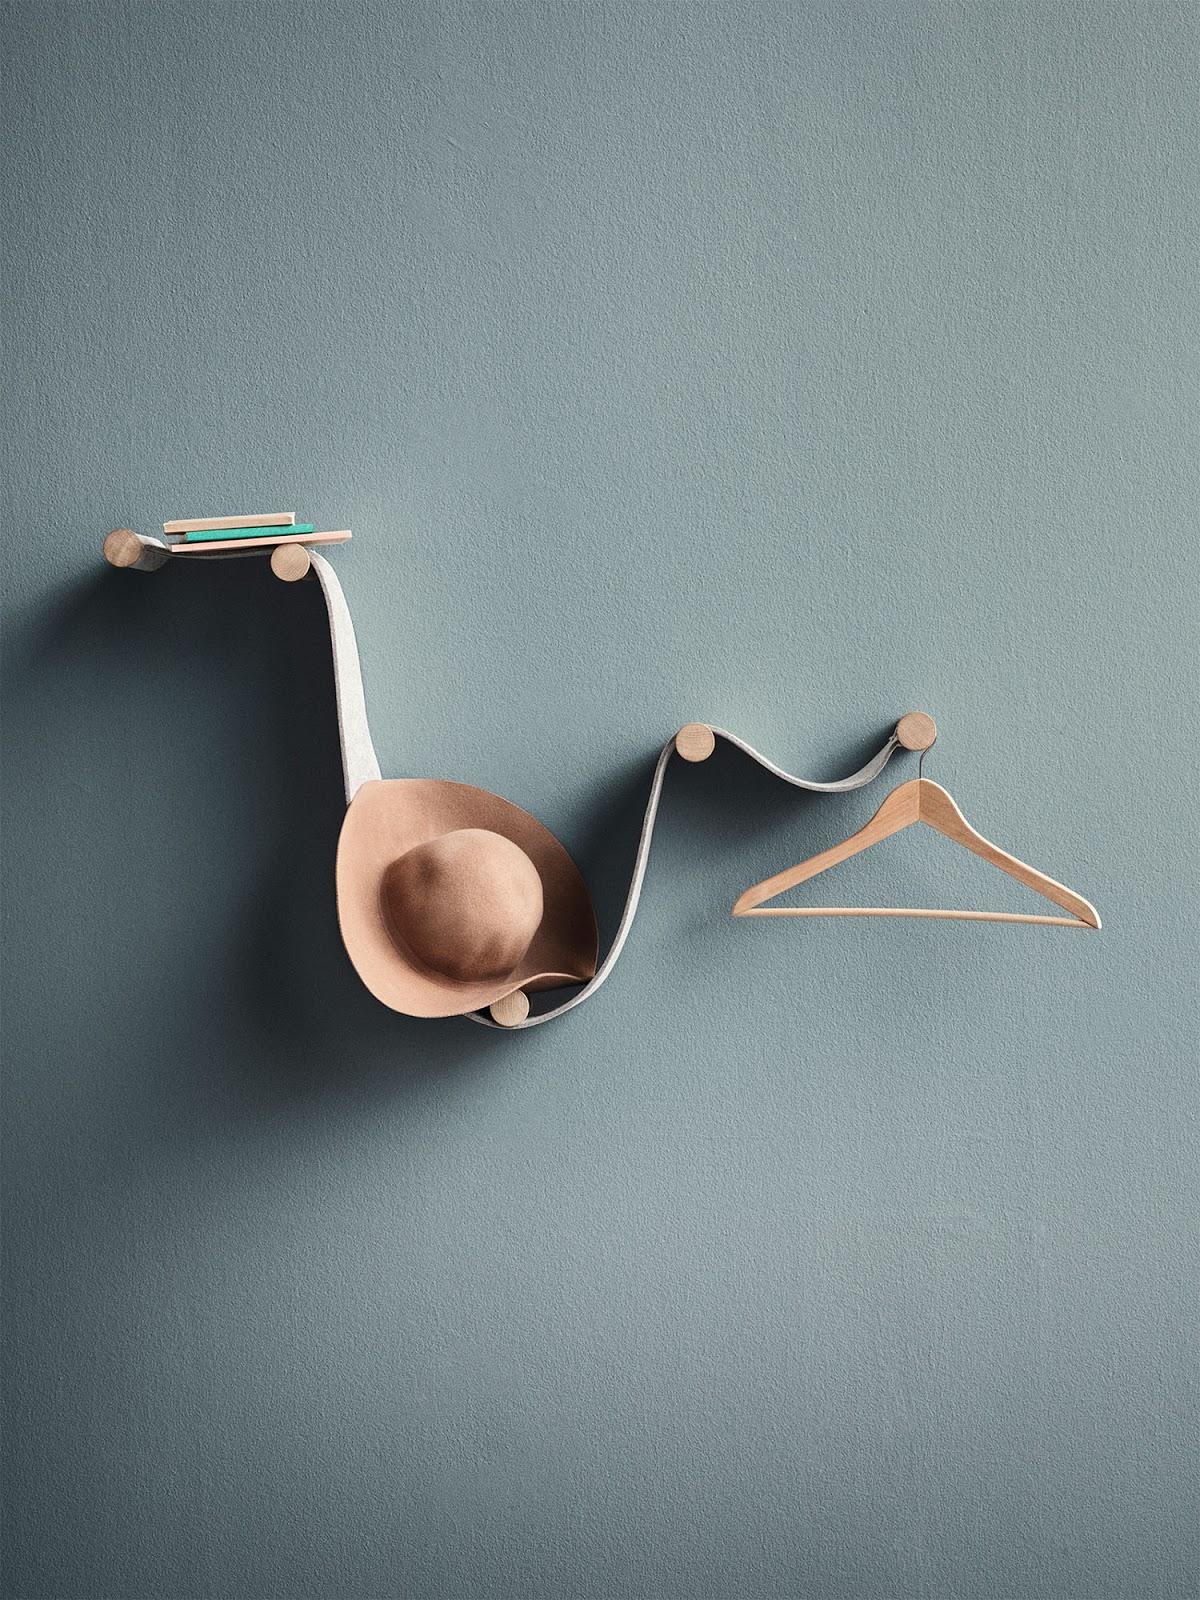 et andetledes entremøbel eller knagerække på den elegante og lidt skæve måde